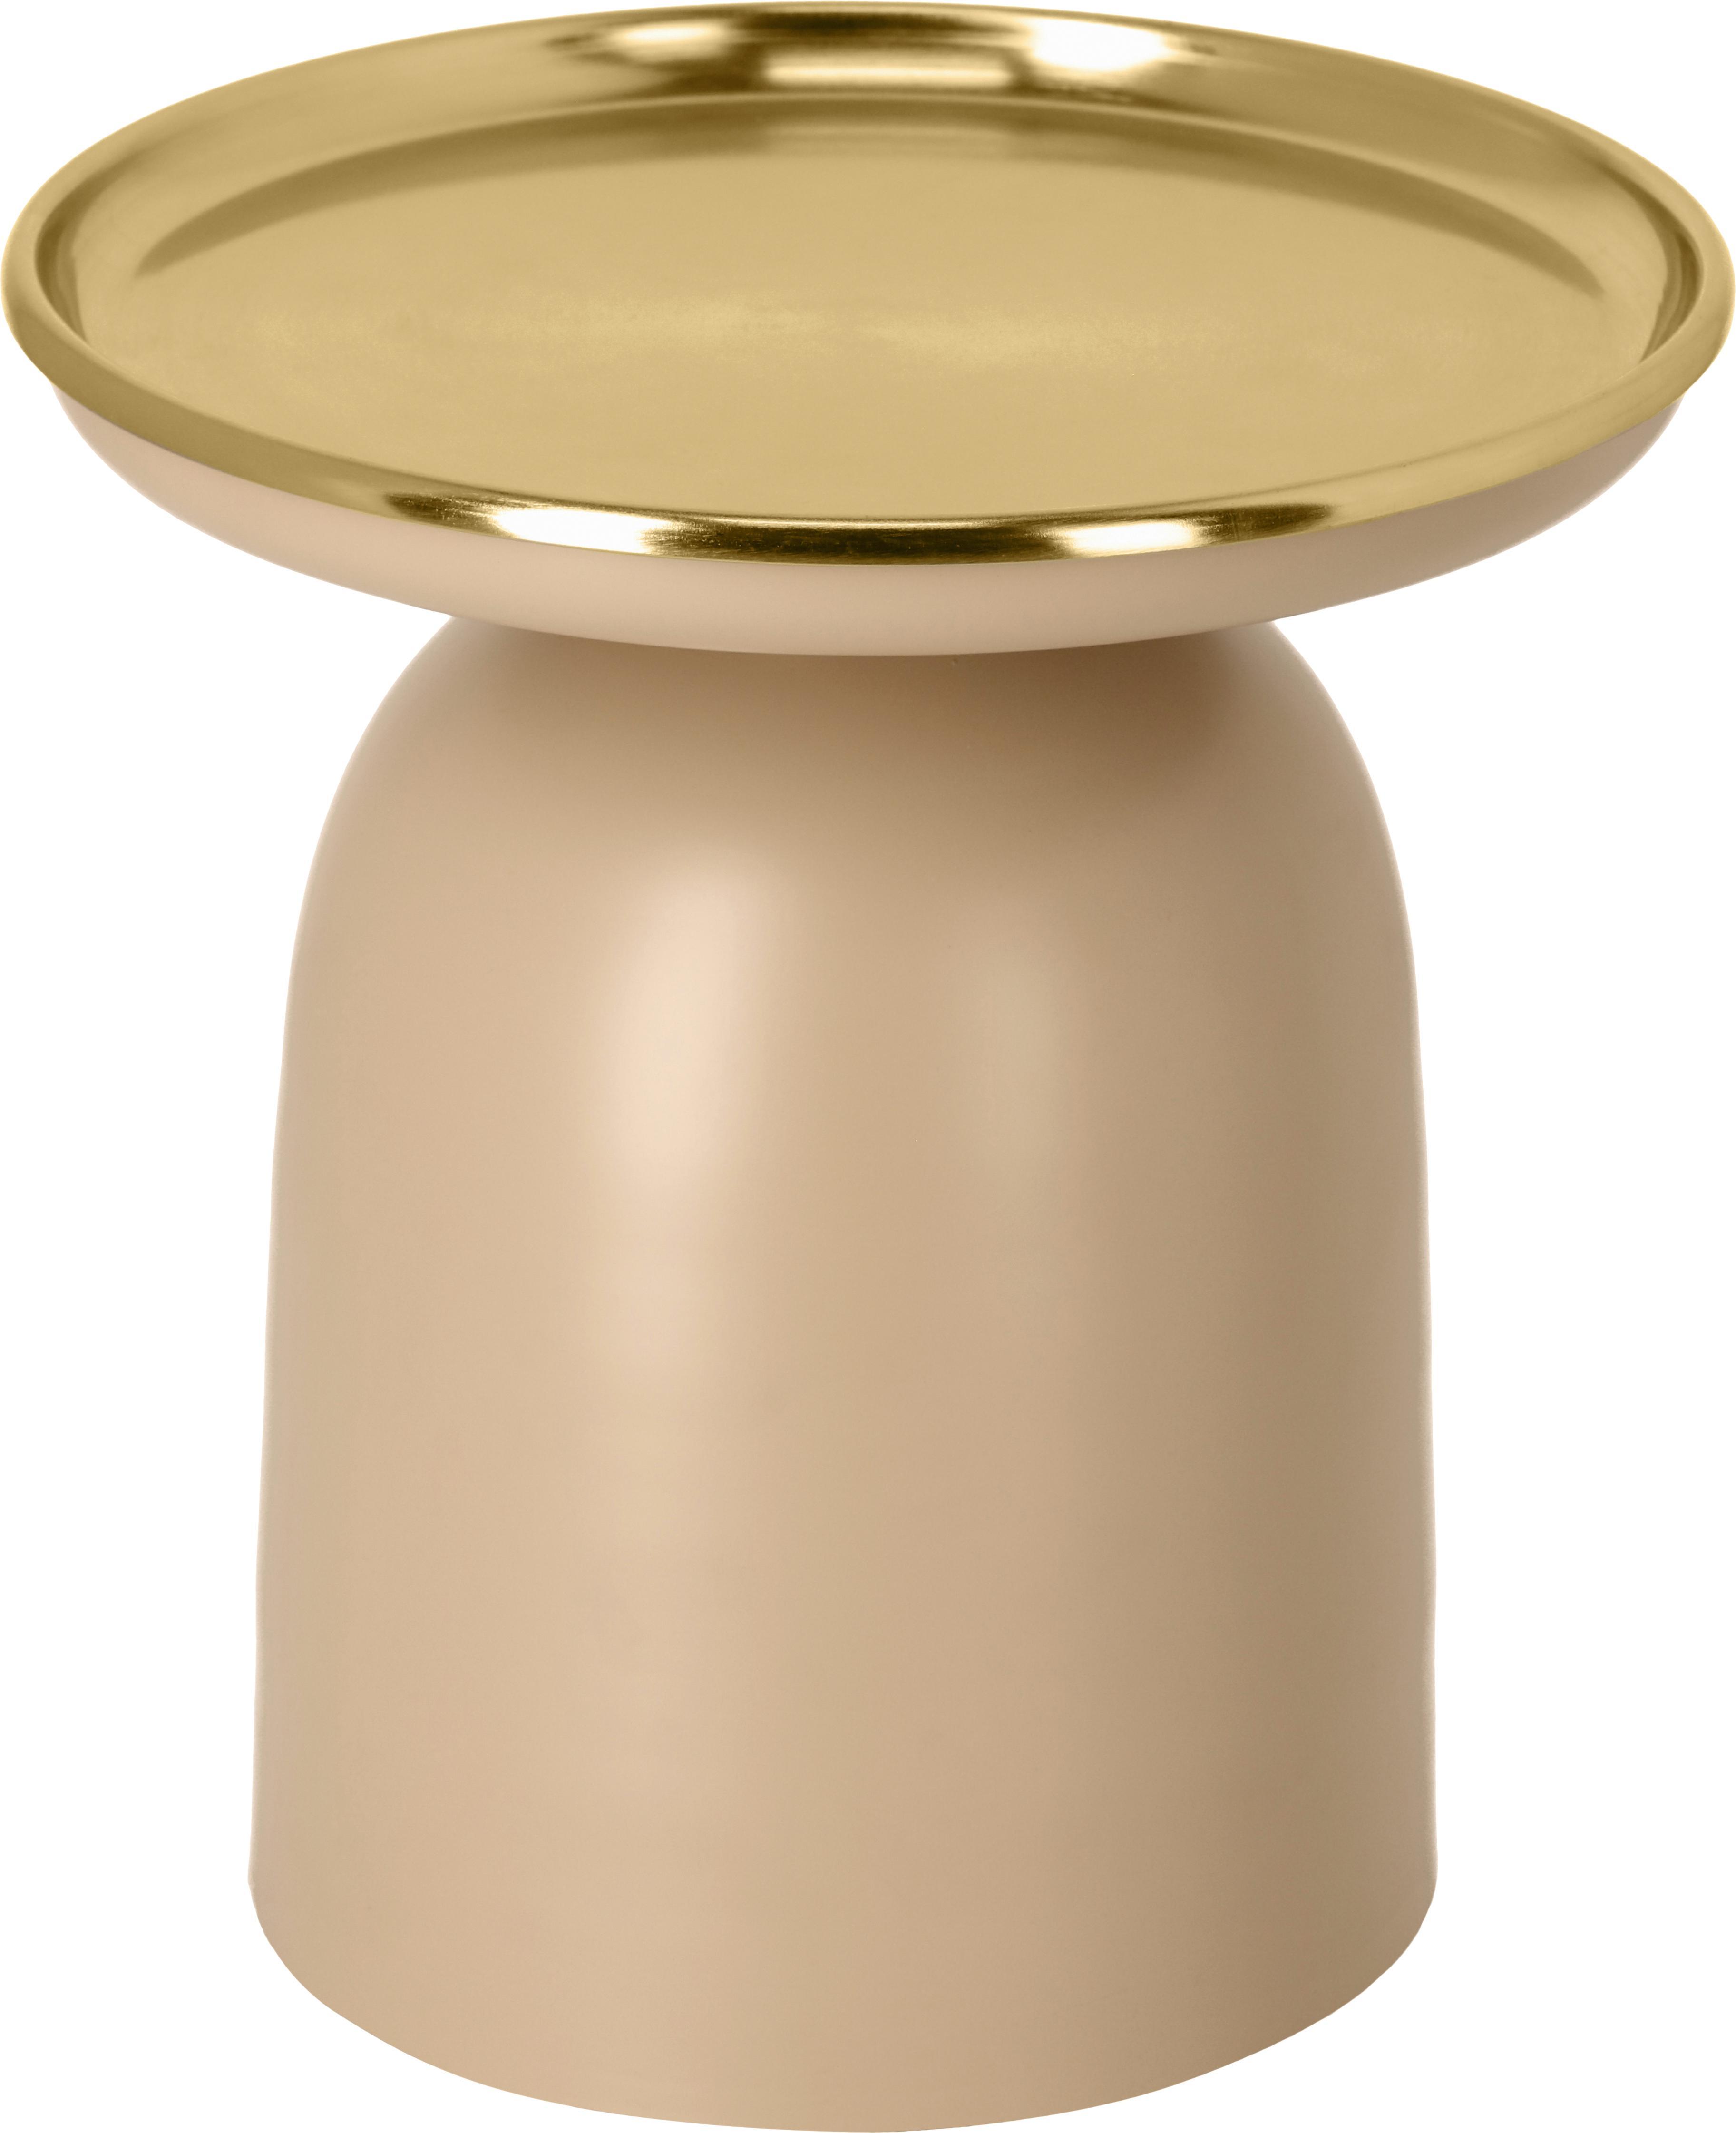 Runder Beistelltisch Neiva in Rosabeige, Metall, beschichtet, Rosabeige, Goldfarben, Ø 38 x H 39 cm